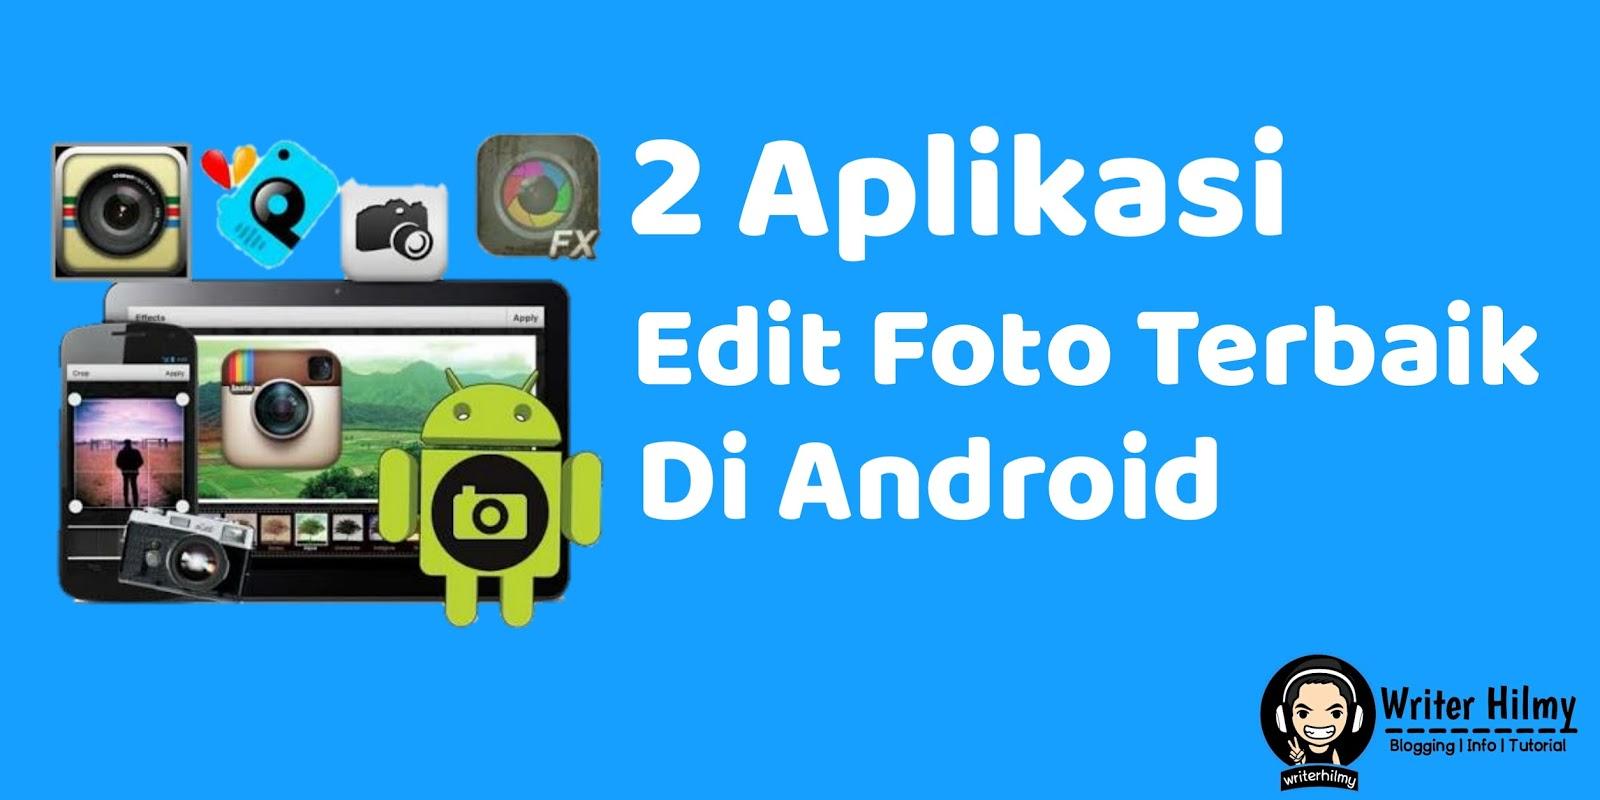 2 Aplikasi Terbaik Untuk Edit Foto Di Android